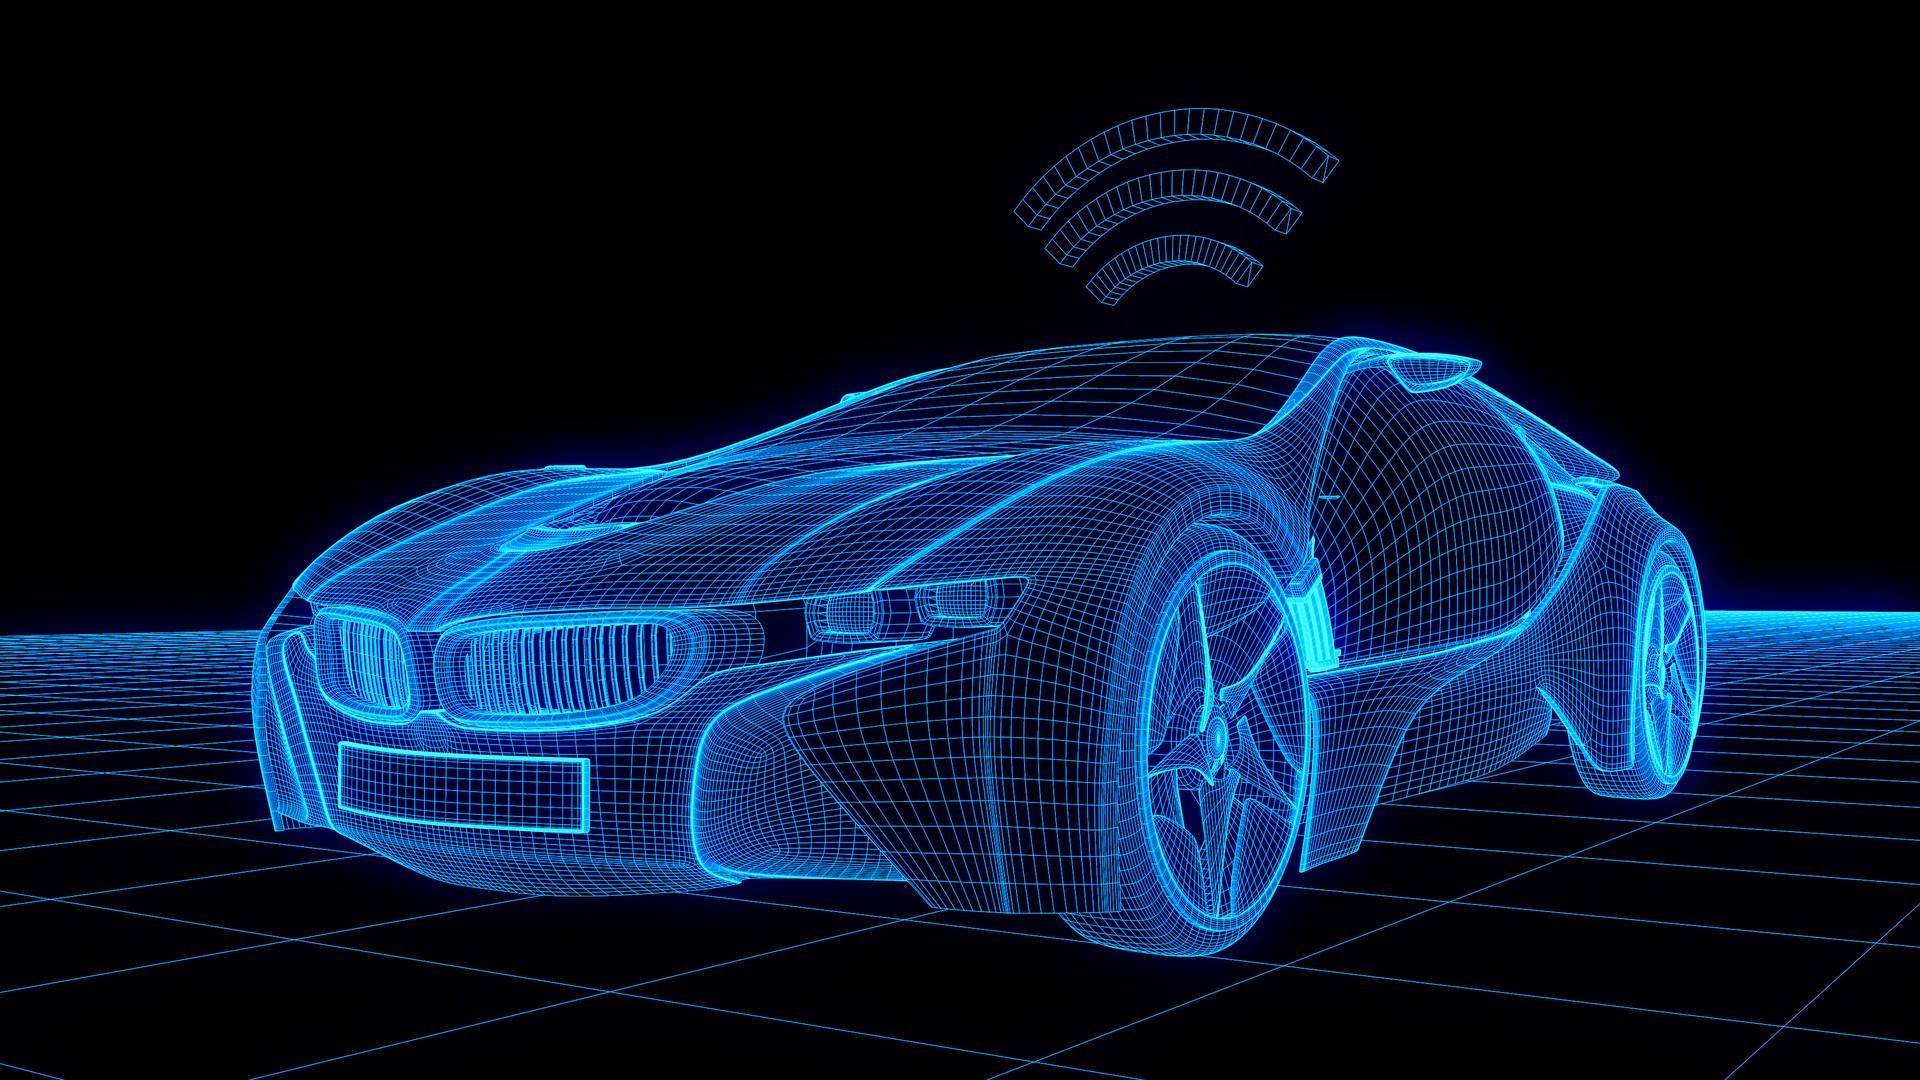 欧司朗推出新款红外激光器 实现更长检测范围